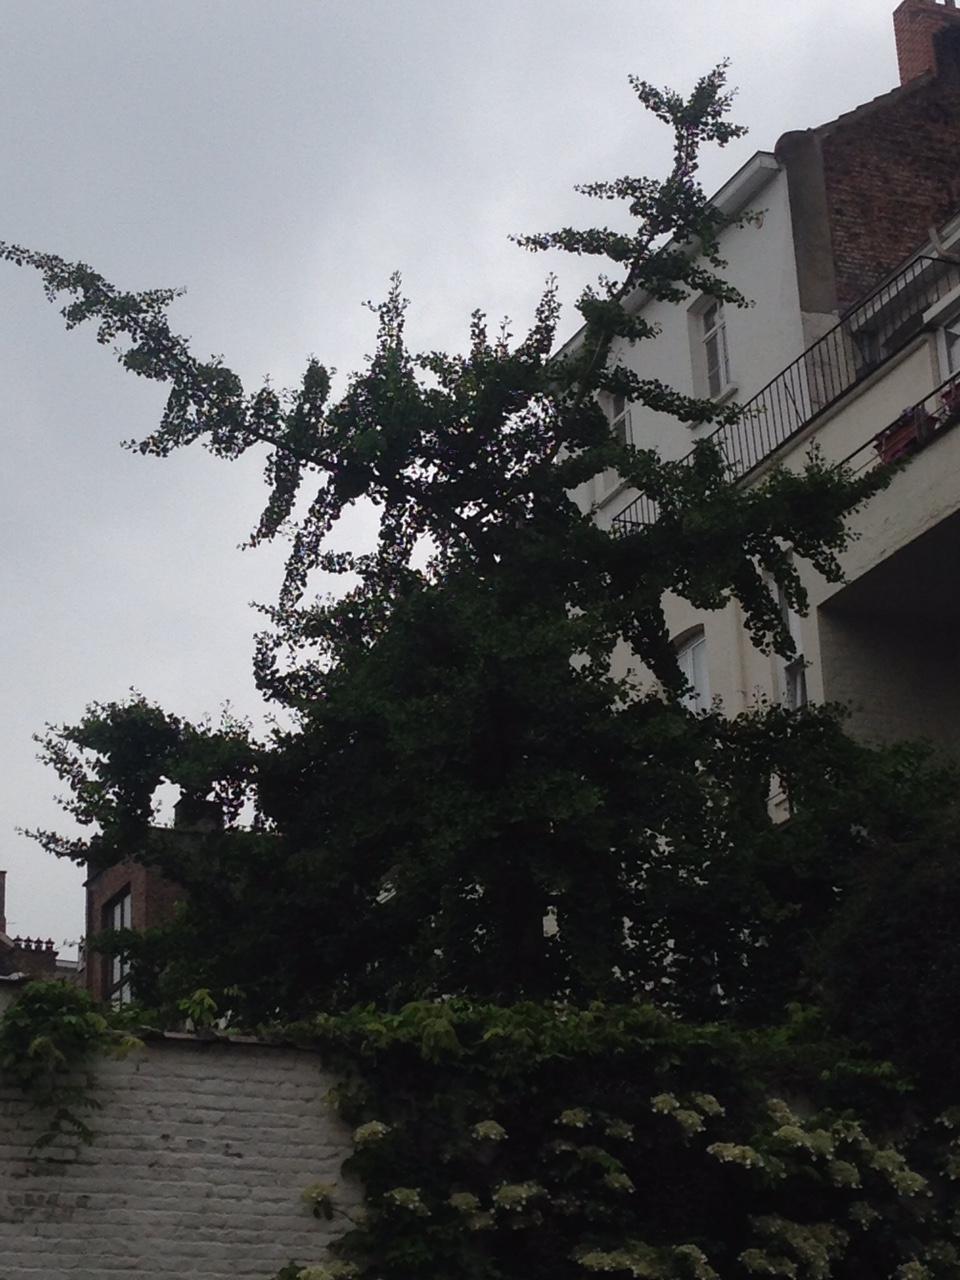 2016-05.b Backyard Tree.JPG